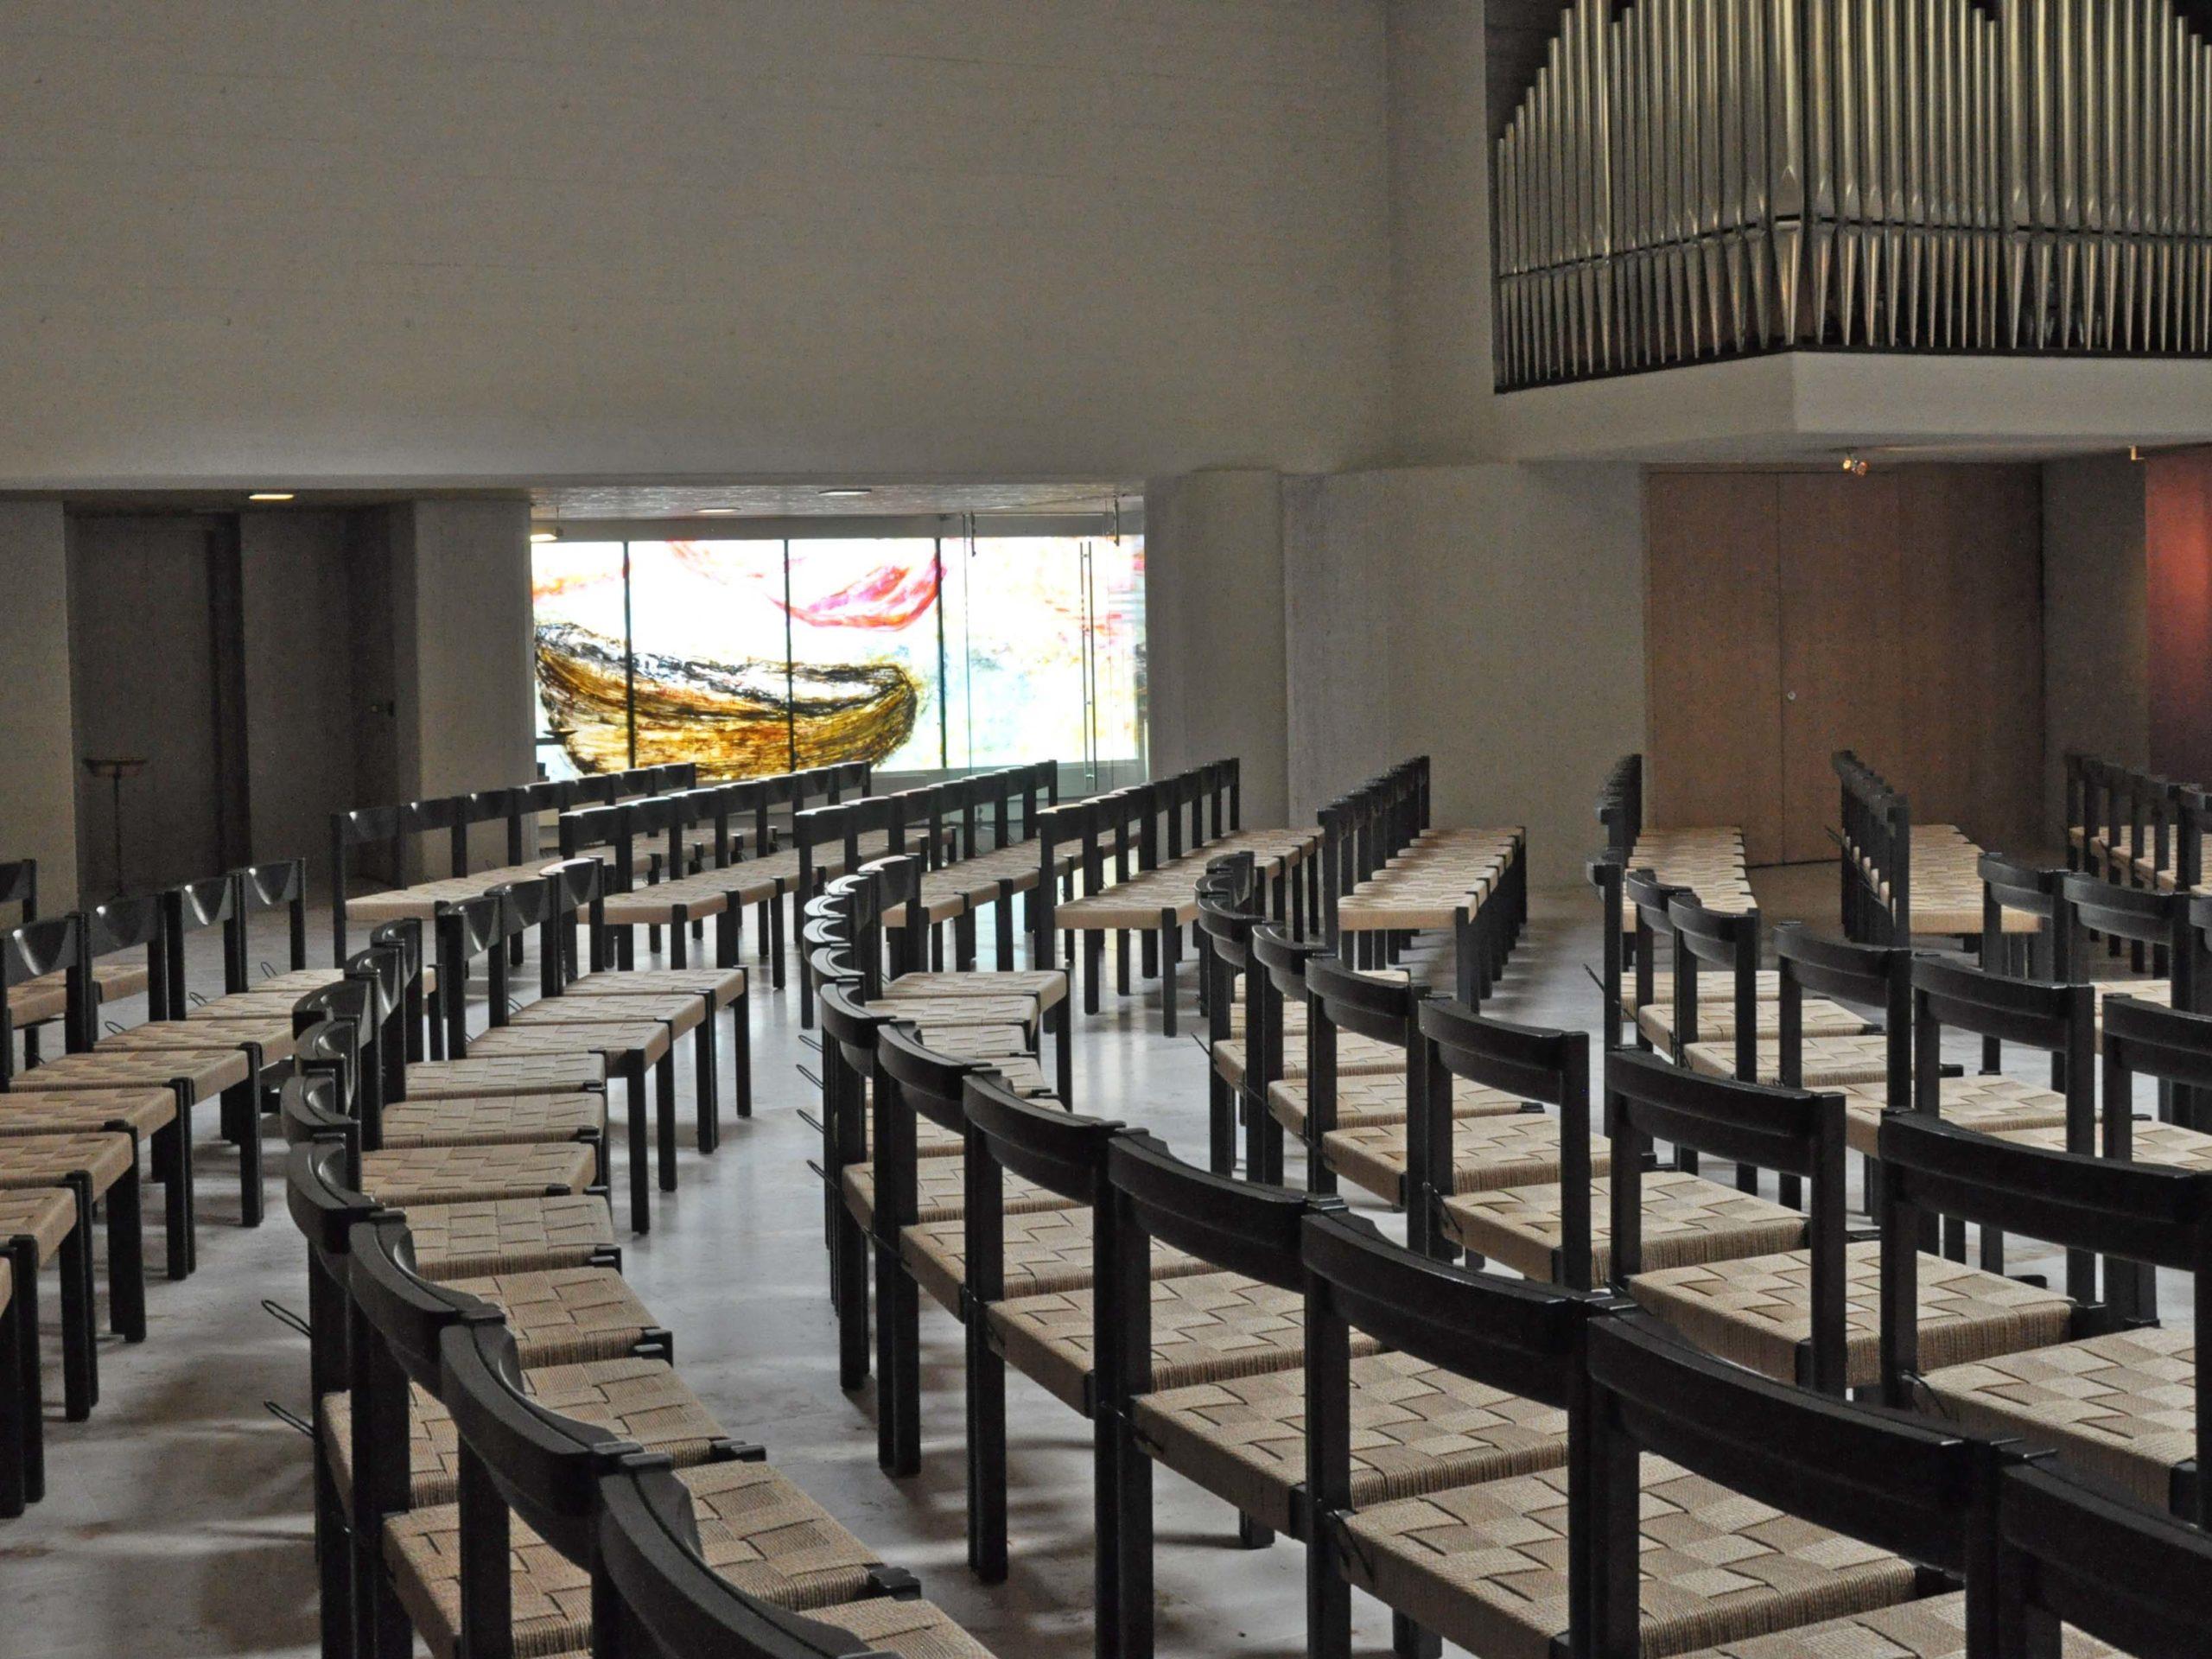 Am 7. März überträgt das Schweizer Fernsehen den Gottesdienst aus der Katholischen Kirche Heilig Geist.